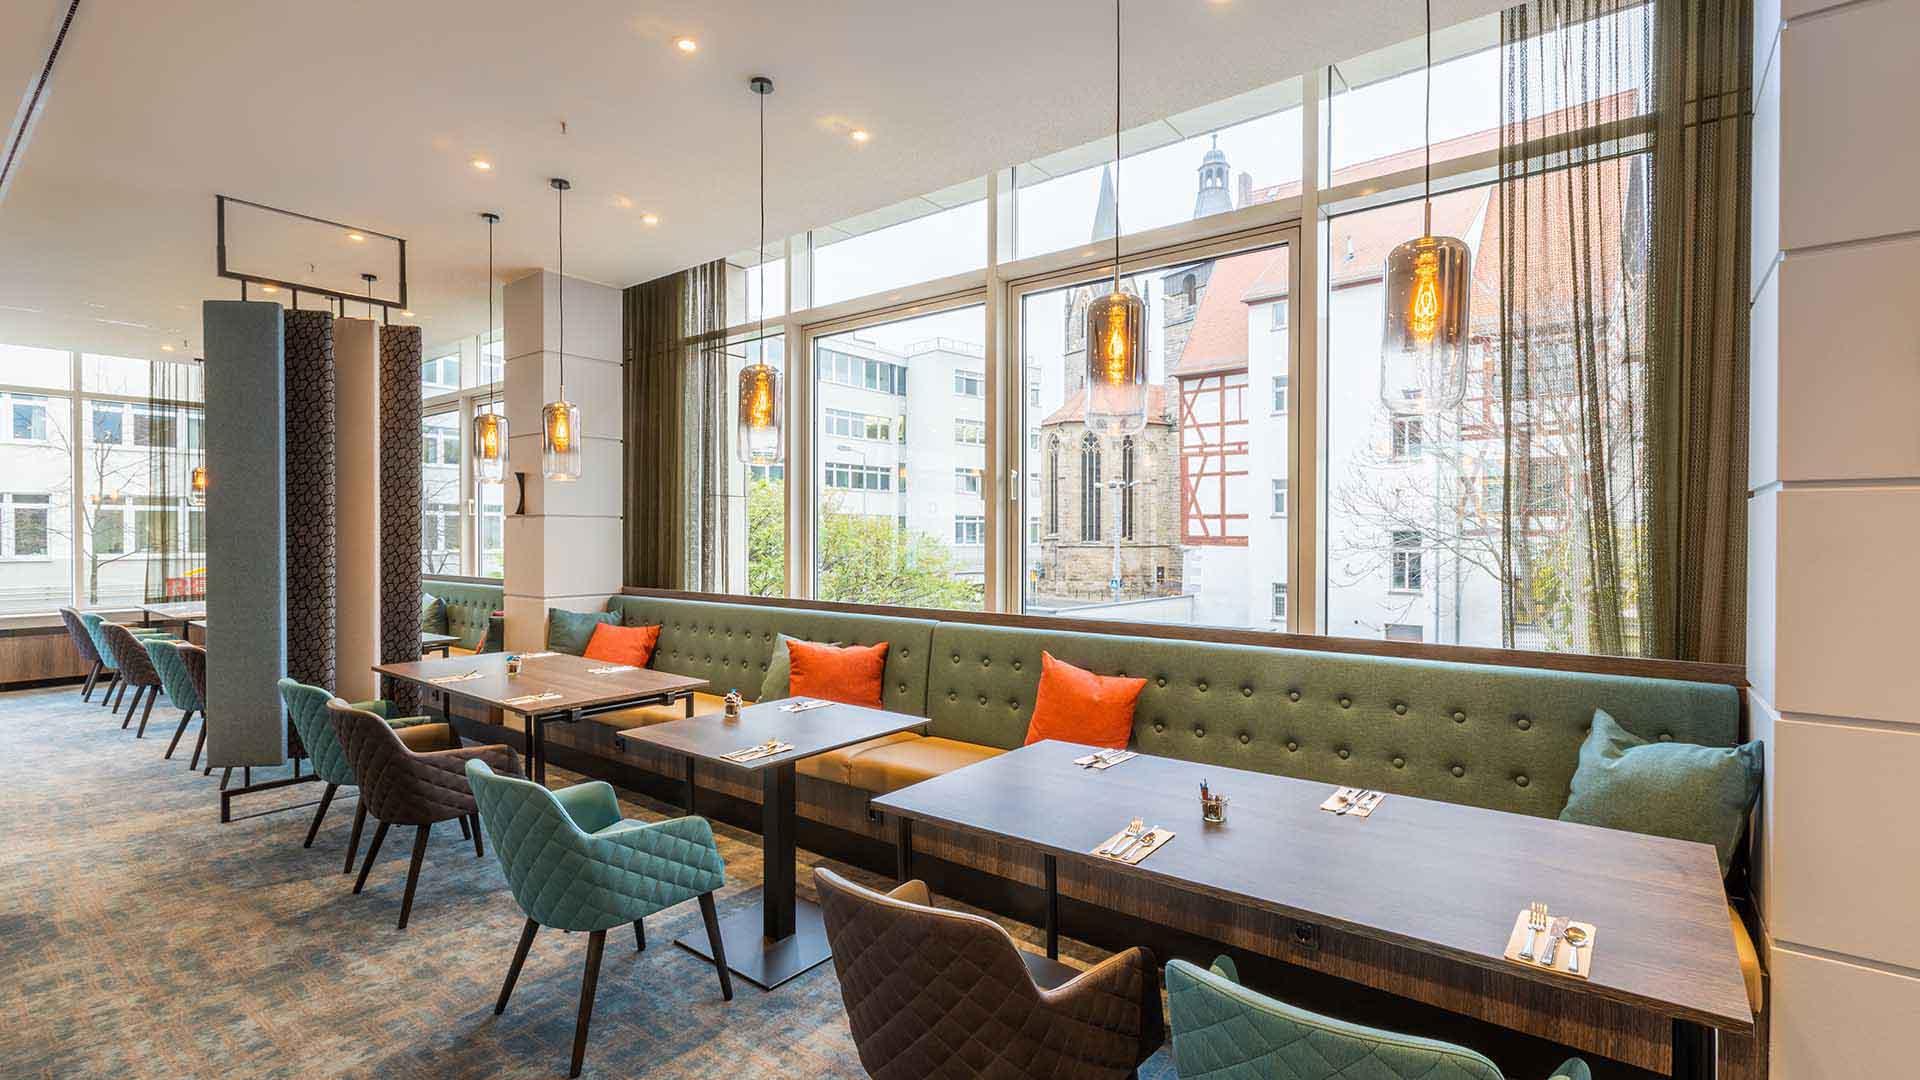 Second Floor Restaurant_1920x1080